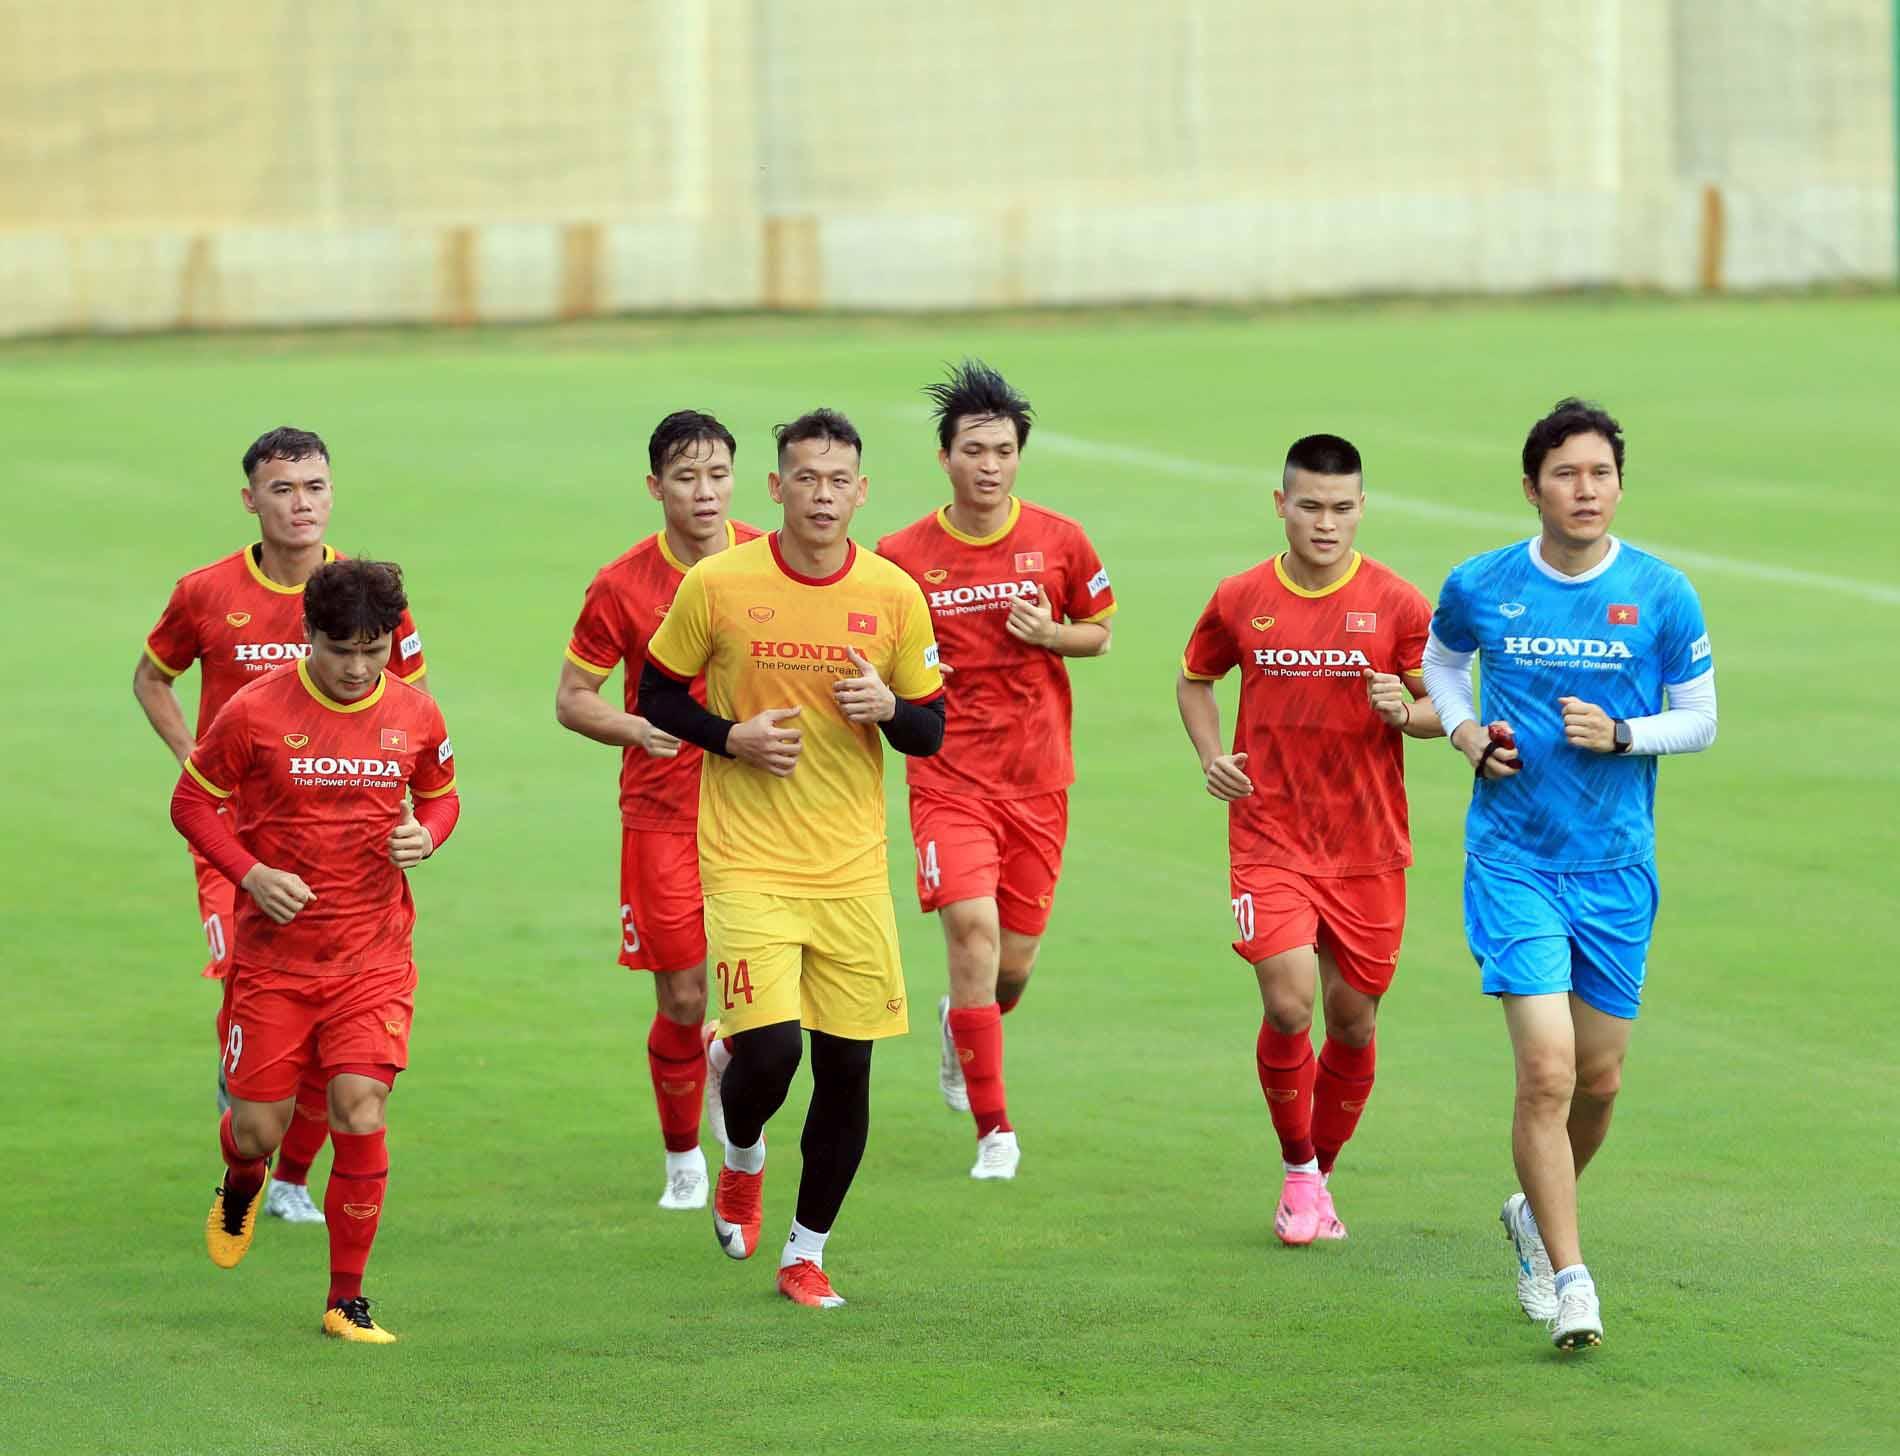 Đội tuyển Việt Nam trở lại tập luyện, hướng tới trận đấu với đội tuyển Trung Quốc và Oman -4